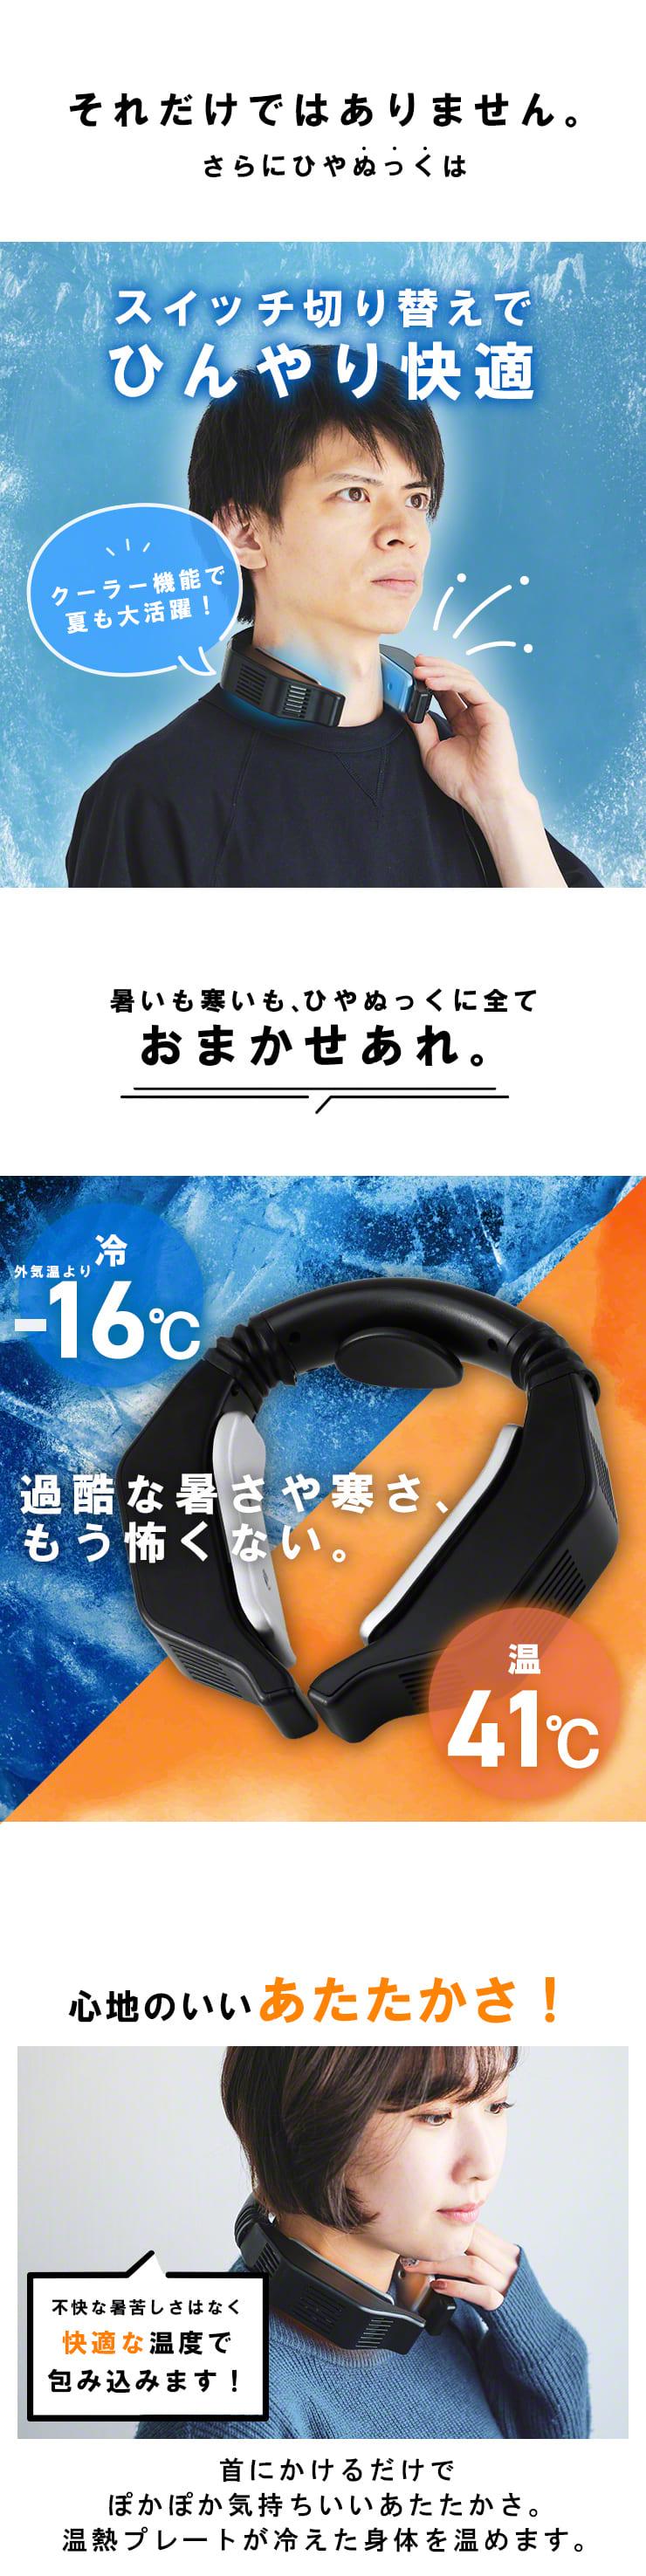 冷却 冷たい 温熱 男女兼用 2way 熱中症対策 USB給電 温度調節 ネックウォーマー 防寒 あったか 冷え性  暖かい 静音 首かけ